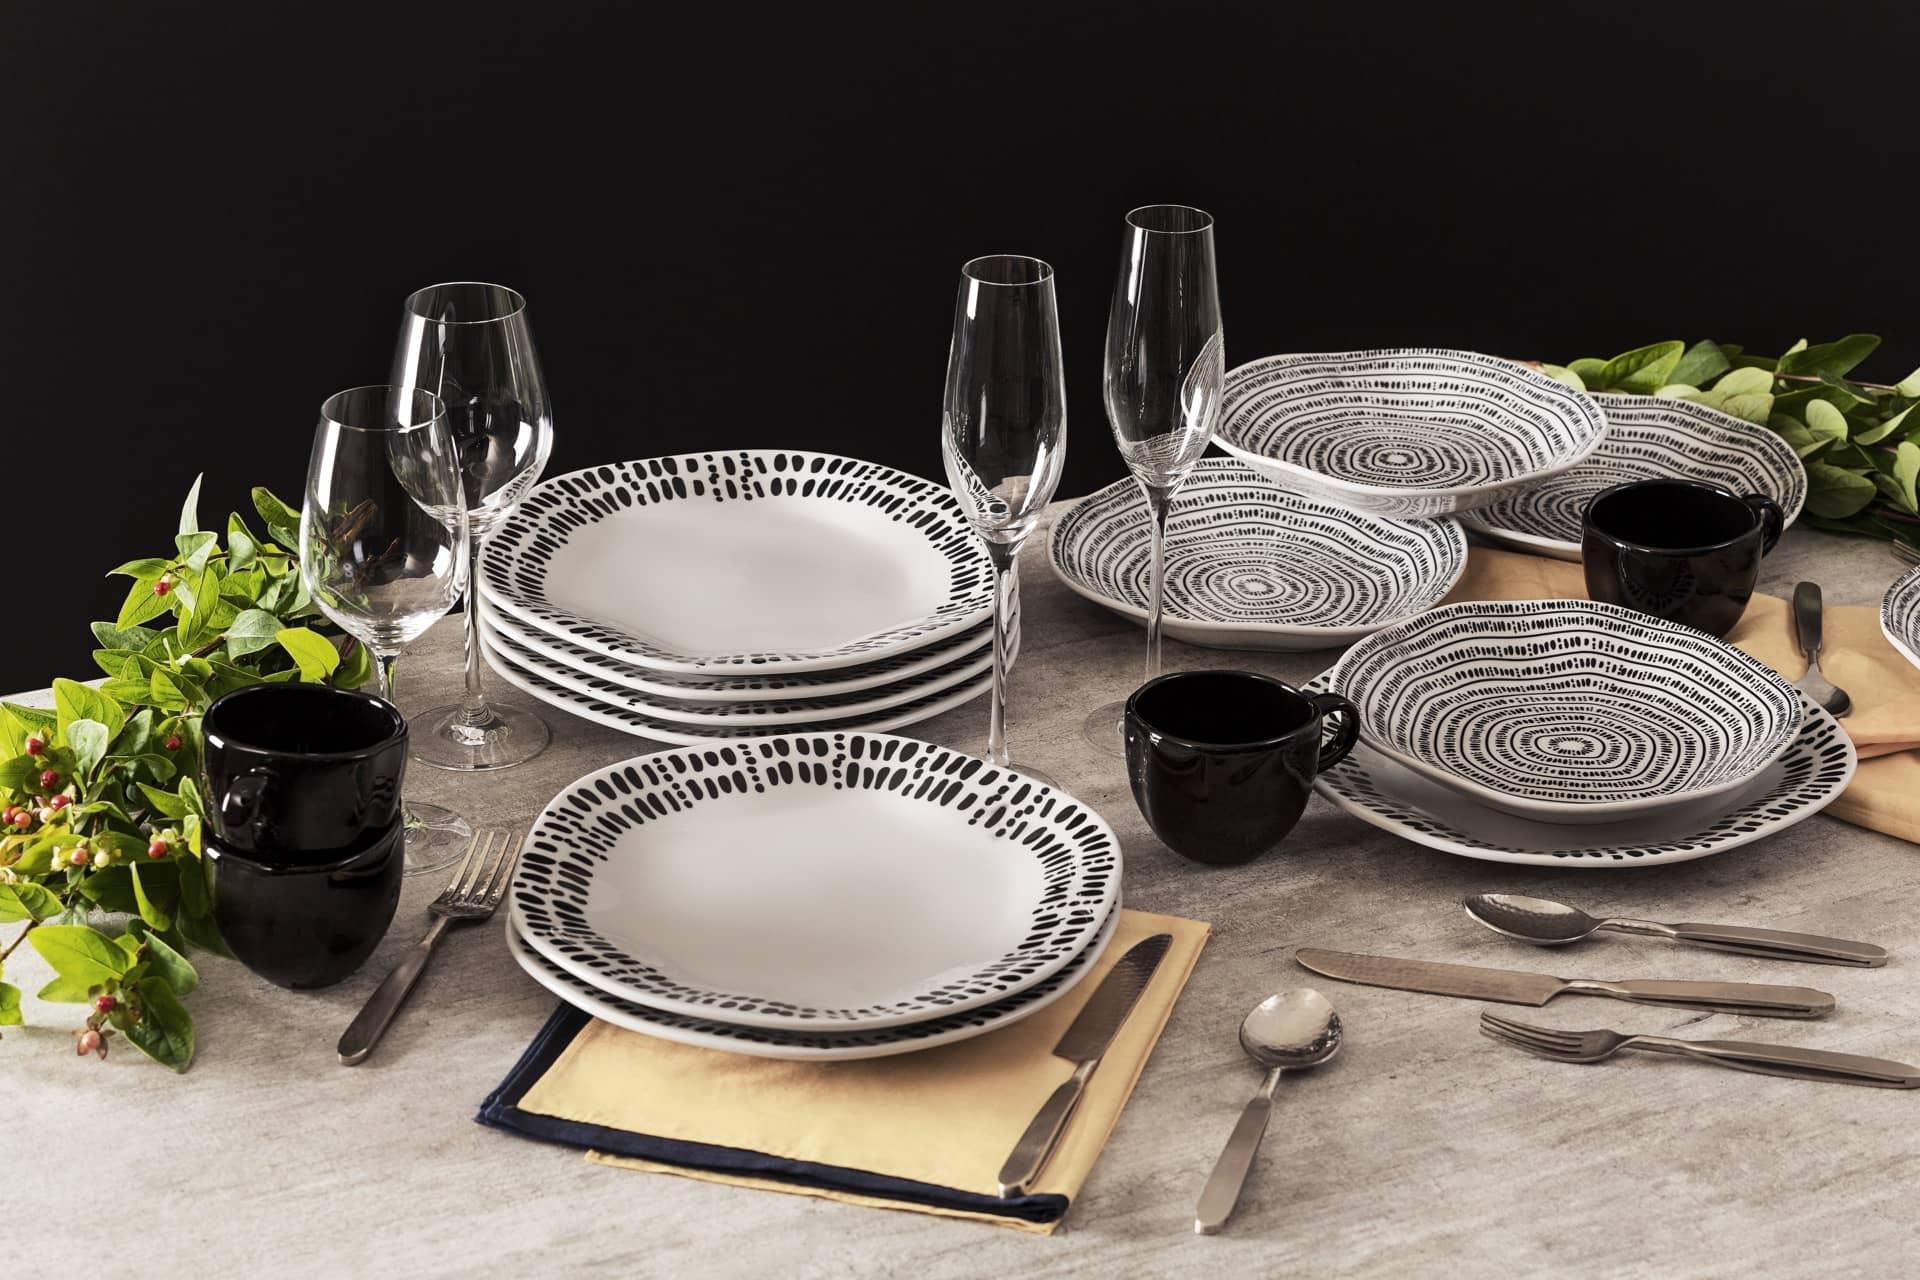 Imagem: Na coleção Ryo Ink, da linha Oxford Porcelanas, as pinceladas de tinta preta, e os formatos irregulares dos pratos, remetem à filosofia wabi-sabi que valoriza a beleza do imperfeito.